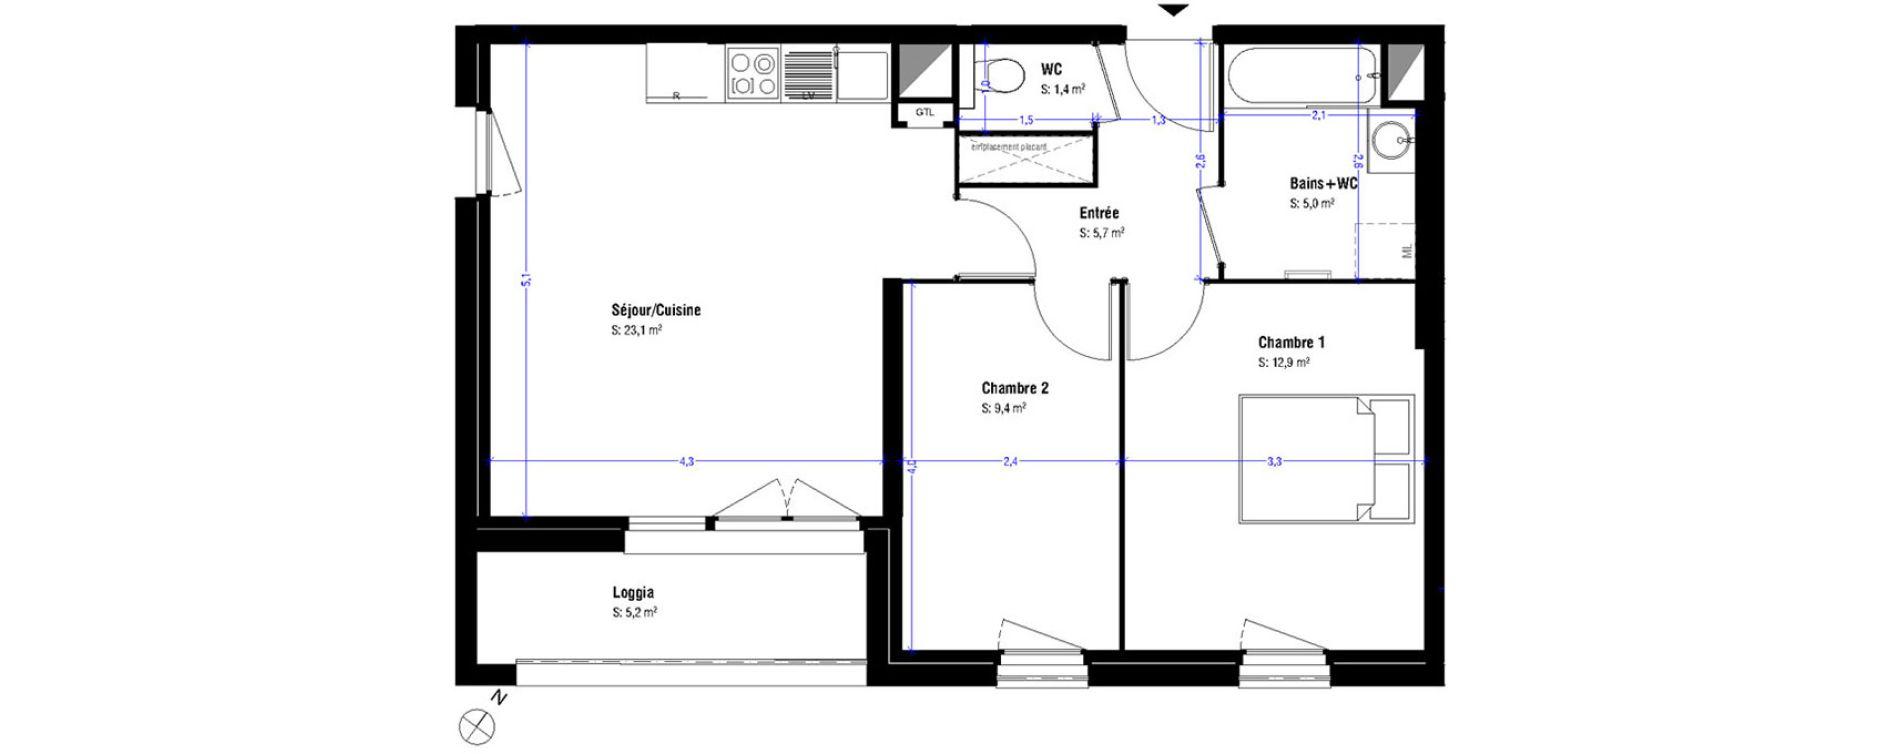 Appartement T3 De 57 50m2 1er étage Se Luminesens 3 Ilôt A